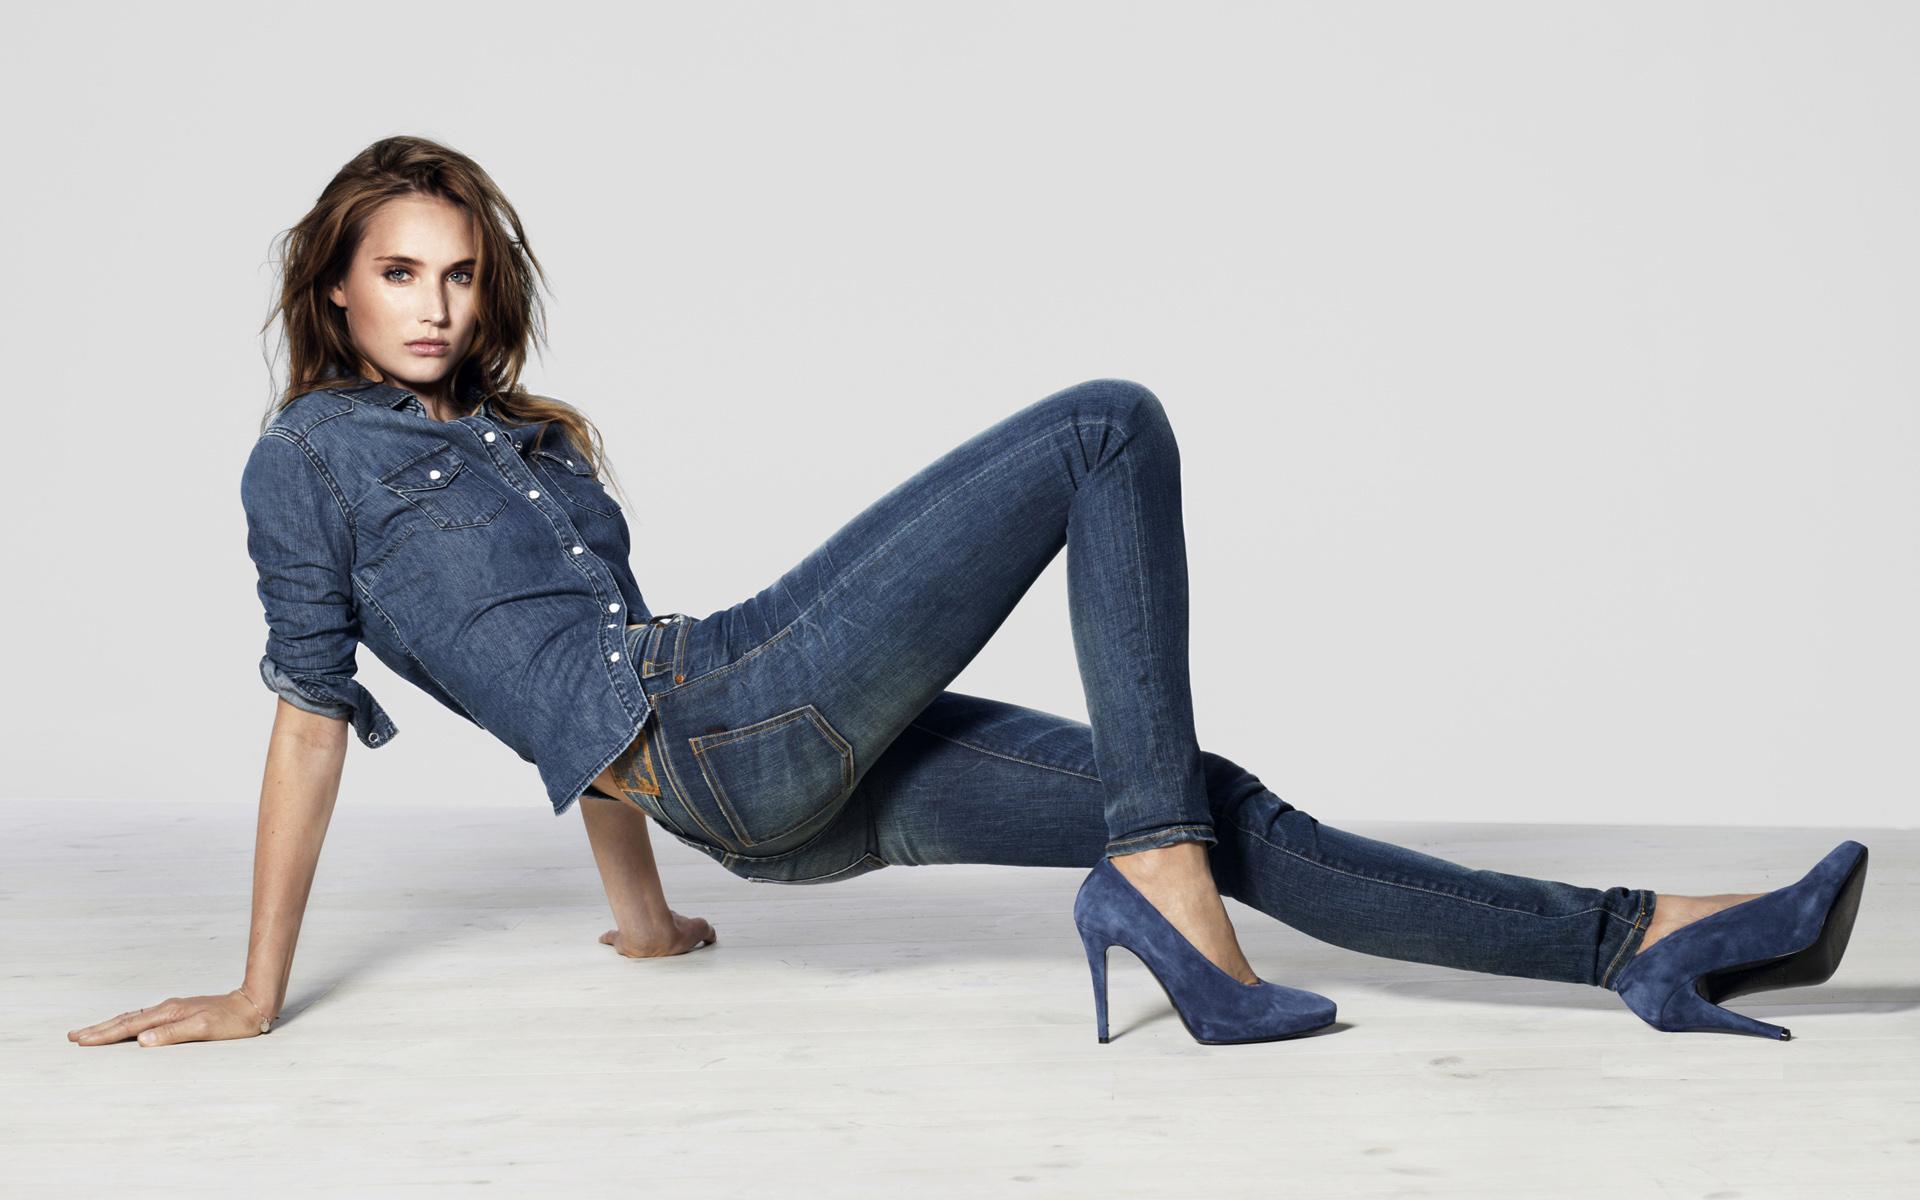 фото девушек в джинсах и на каблуках была